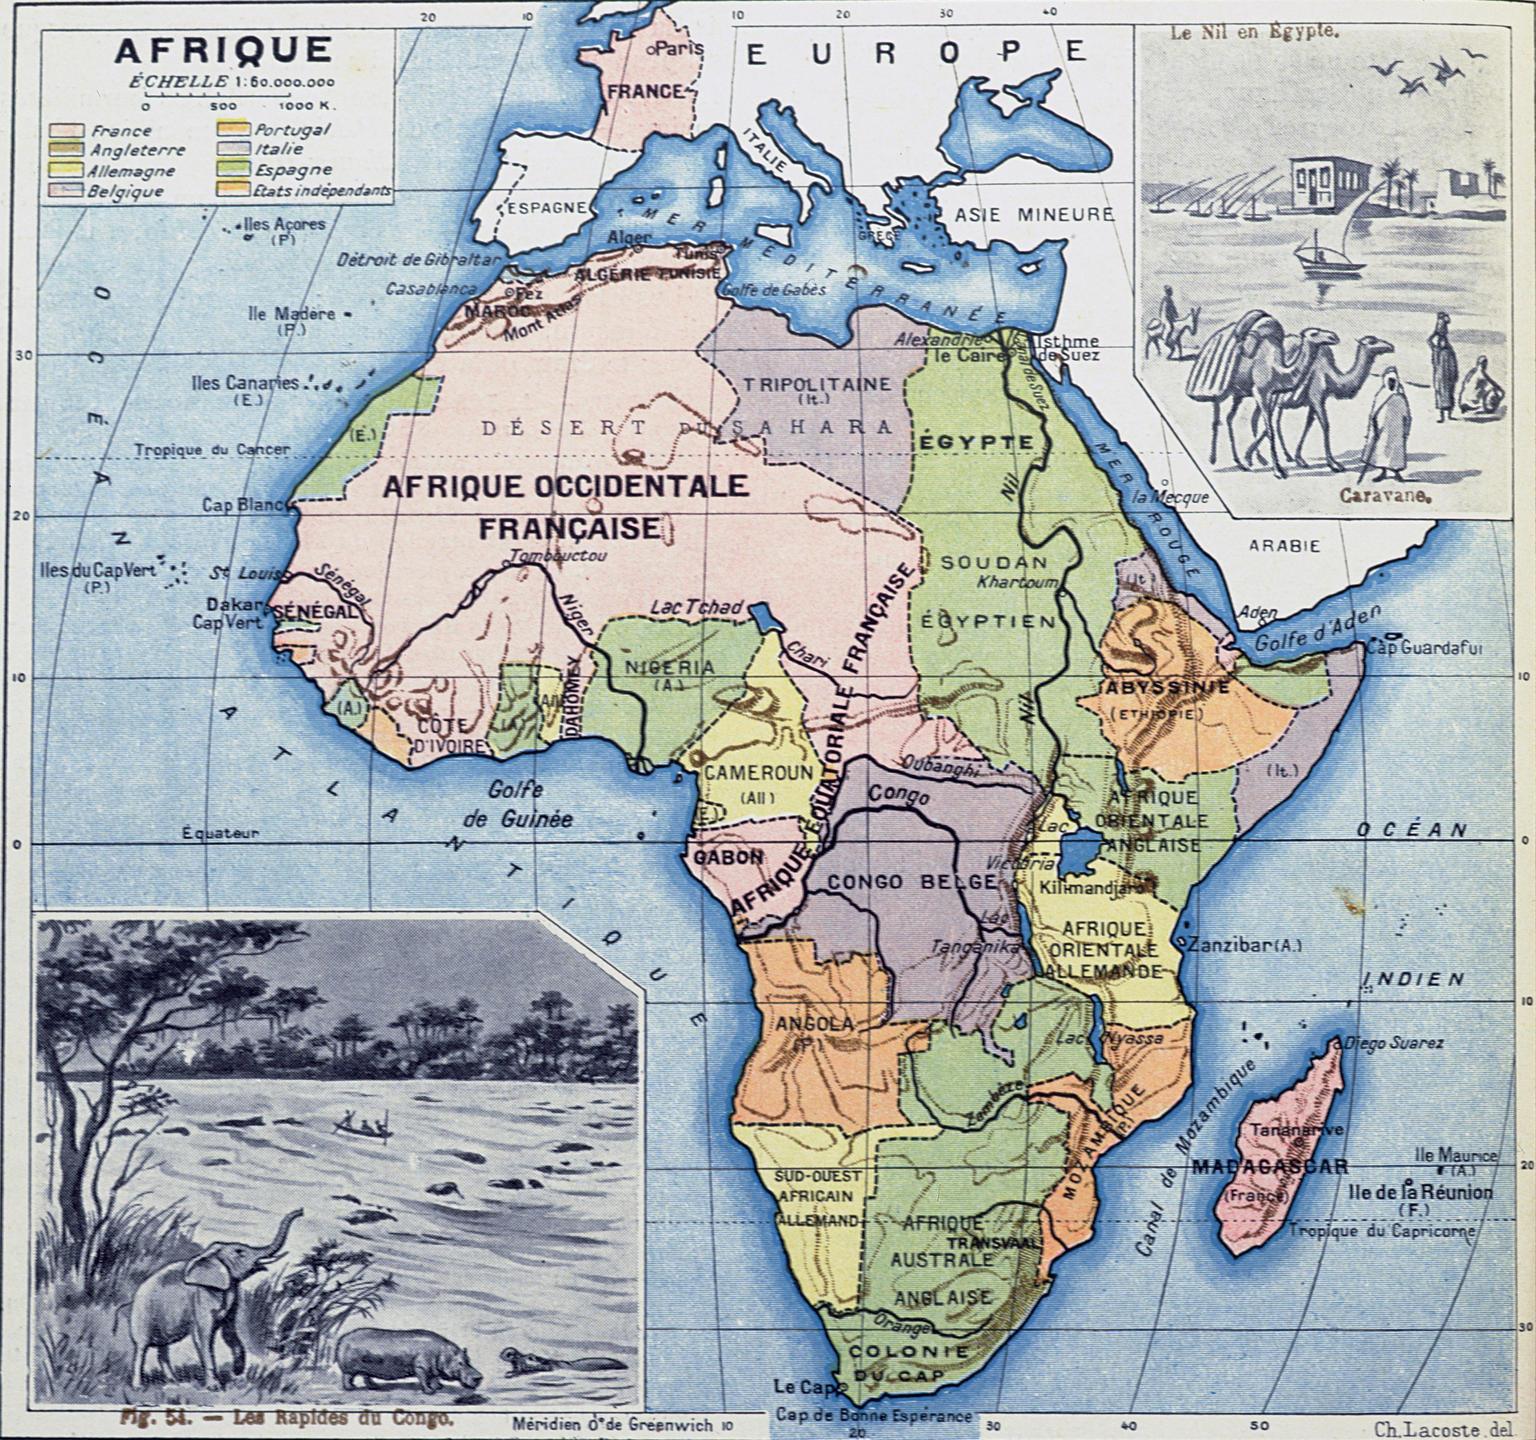 Carte de l'Afrique en 1911.